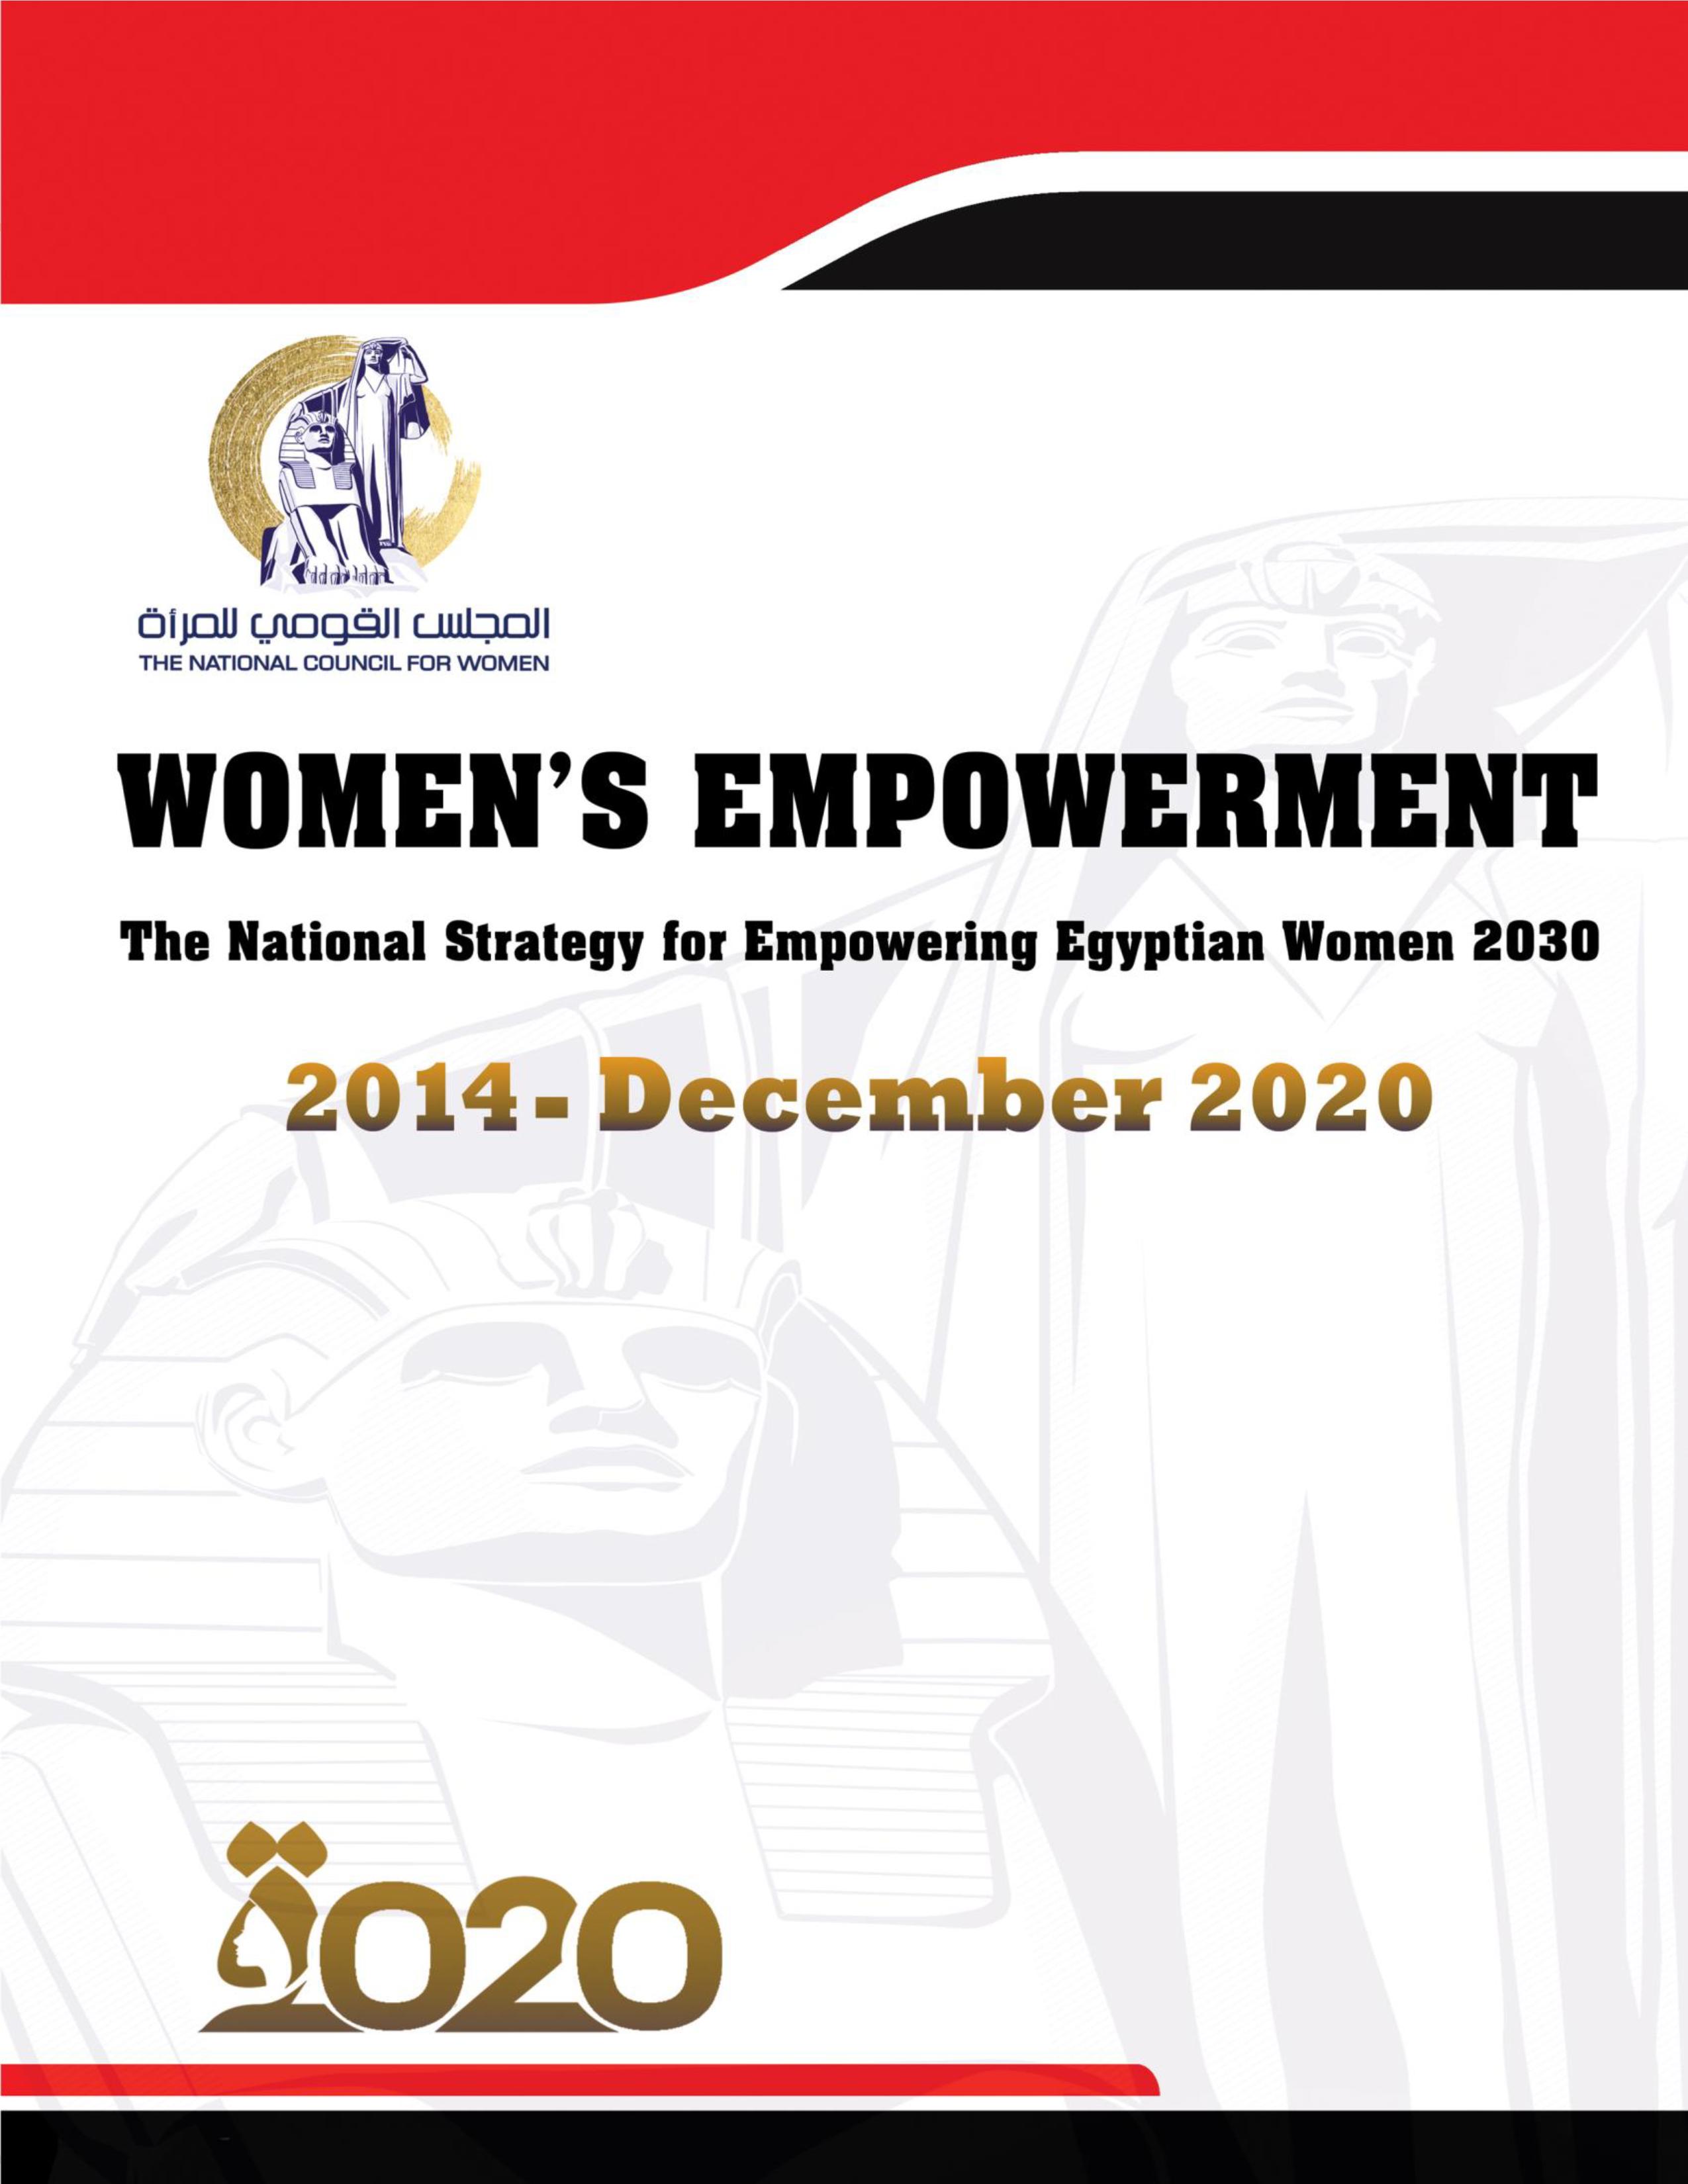 Women's Empowerment Factsheet